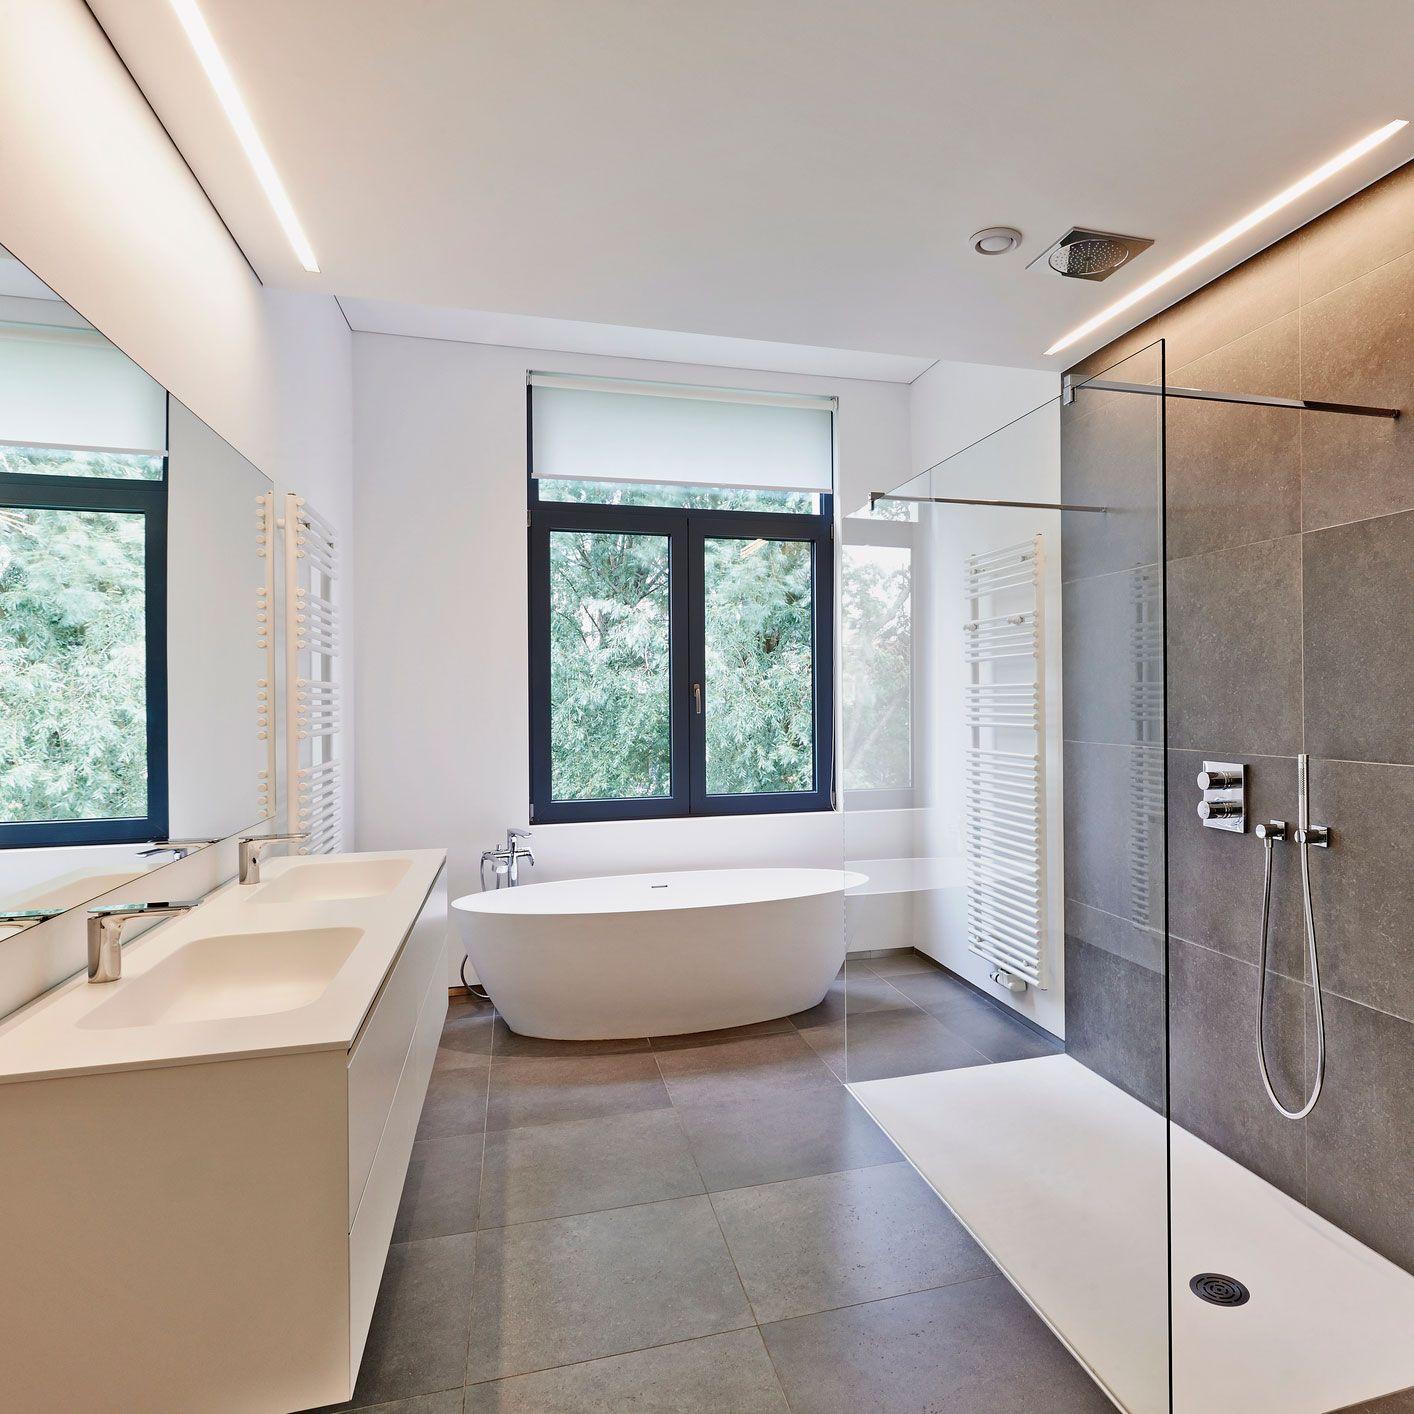 Mit Diesen 6 Einfachen Schritten Kannst Du Dein Badezimmer Neu Gestalten Badezimmer Badezimmer Renovieren Tolle Badezimmer